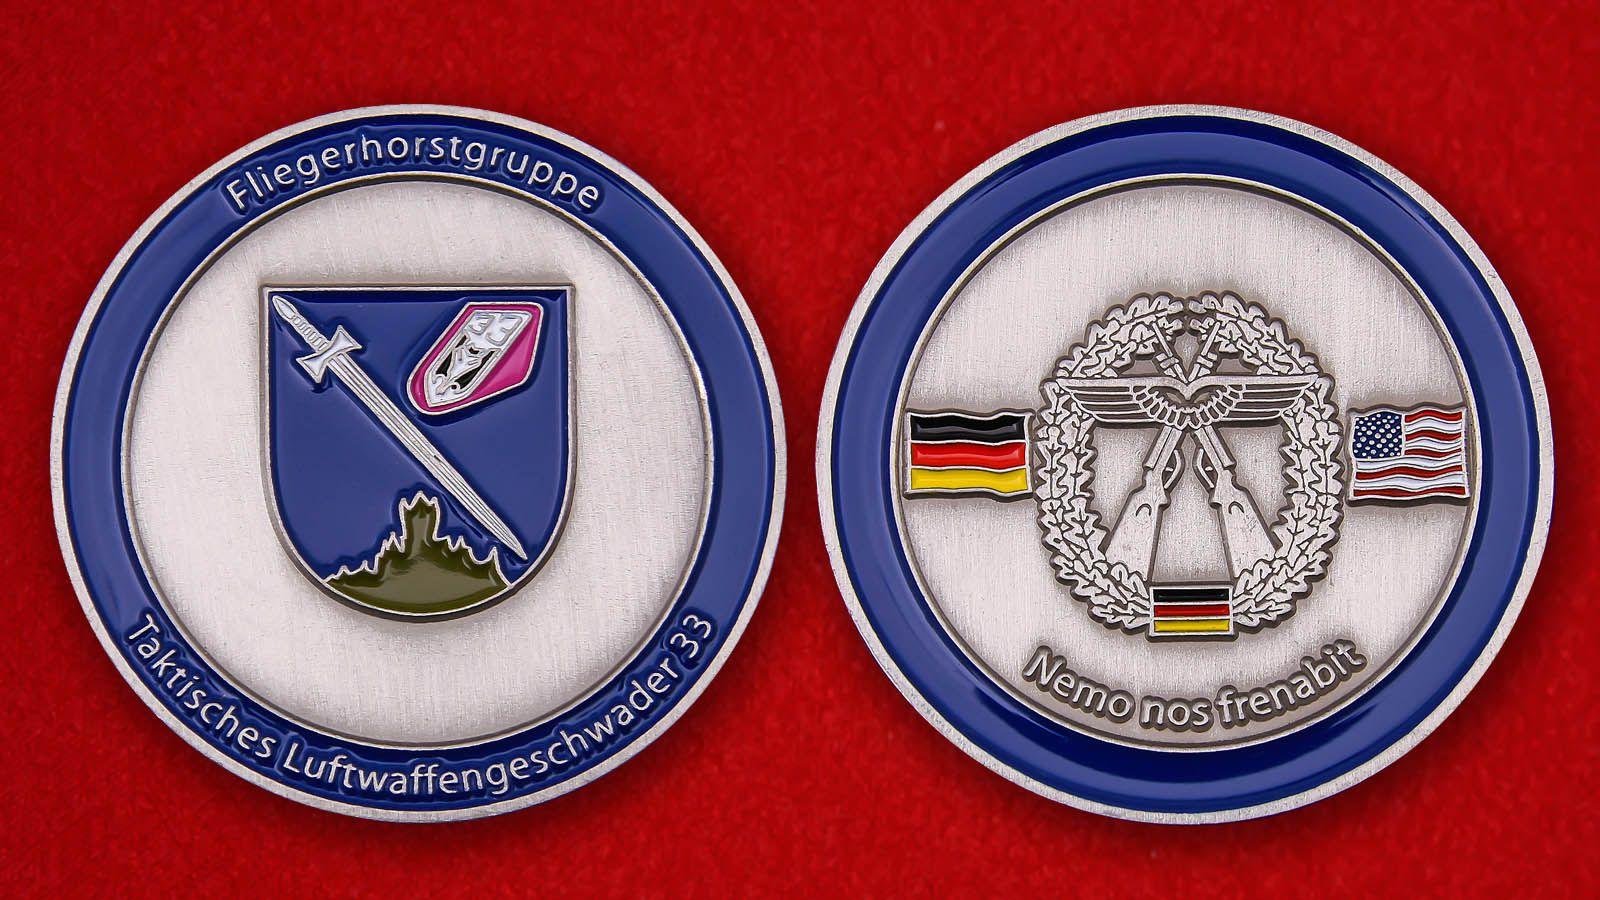 """Herausforderungs-Münze """"Taktisches Luftwaffengeschwader 33"""" - Vorderseite und umgekehrt"""